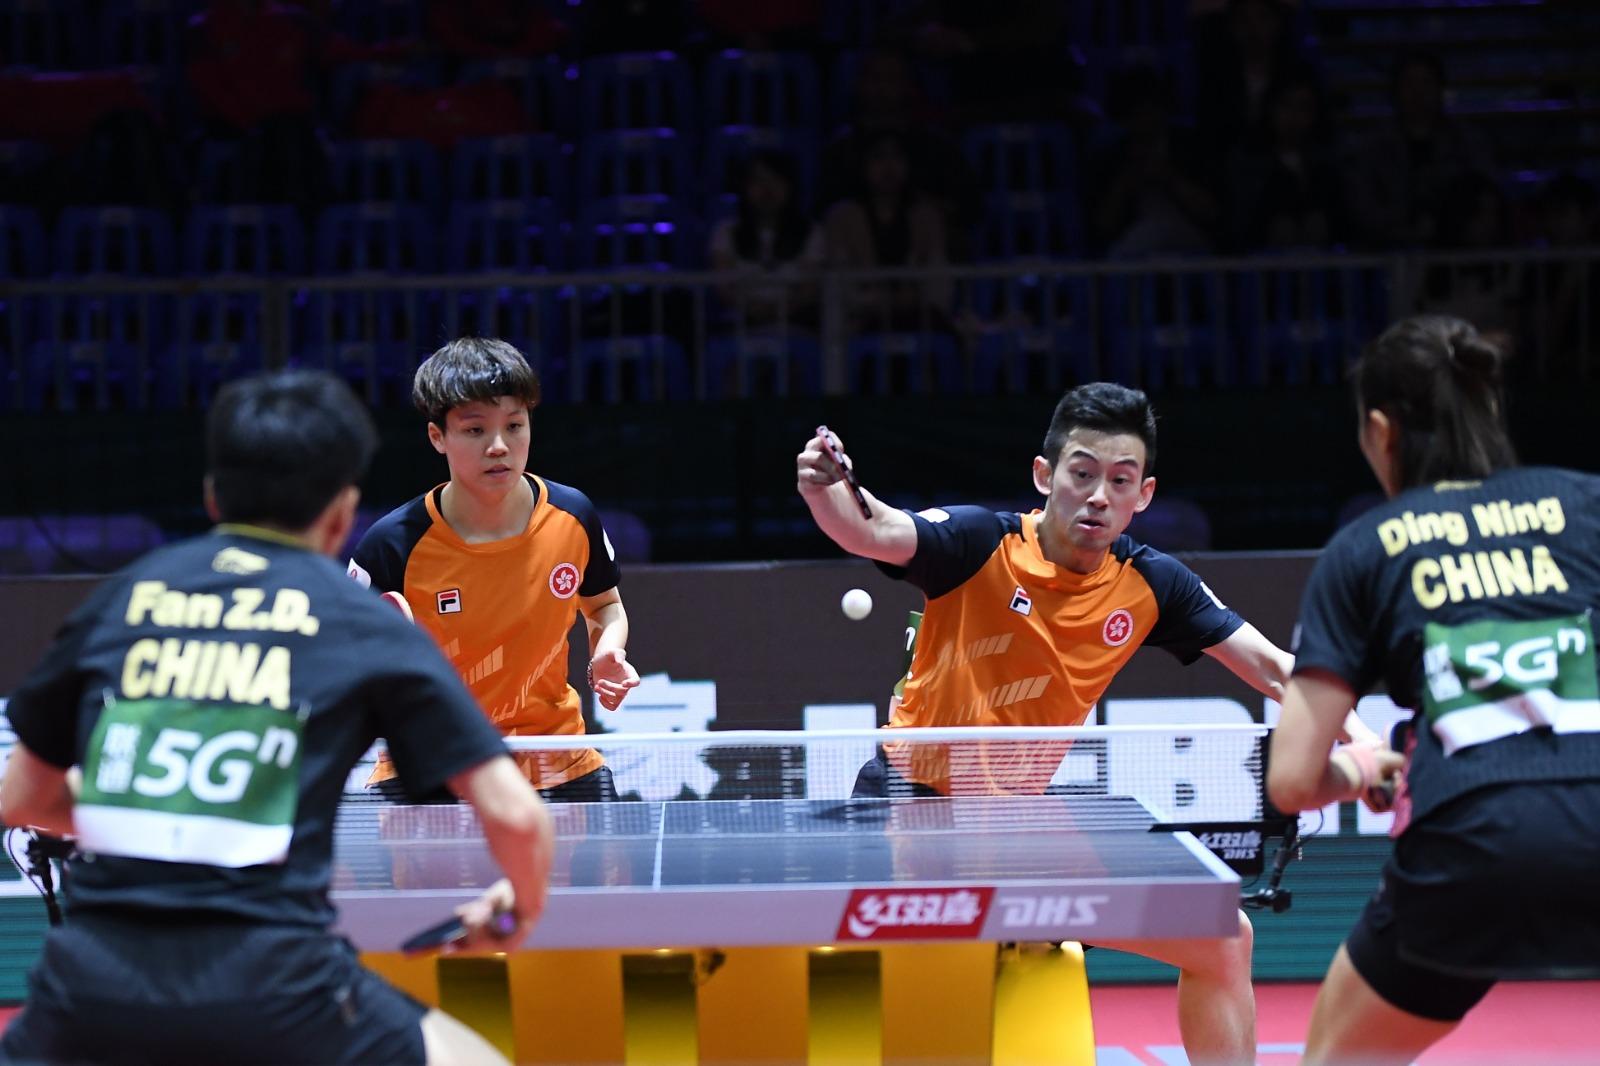 黃鎮廷(右)與杜凱琹昨日於混雙次圈不敵中國的樊振東/丁寧組合。圖片由乒總提供